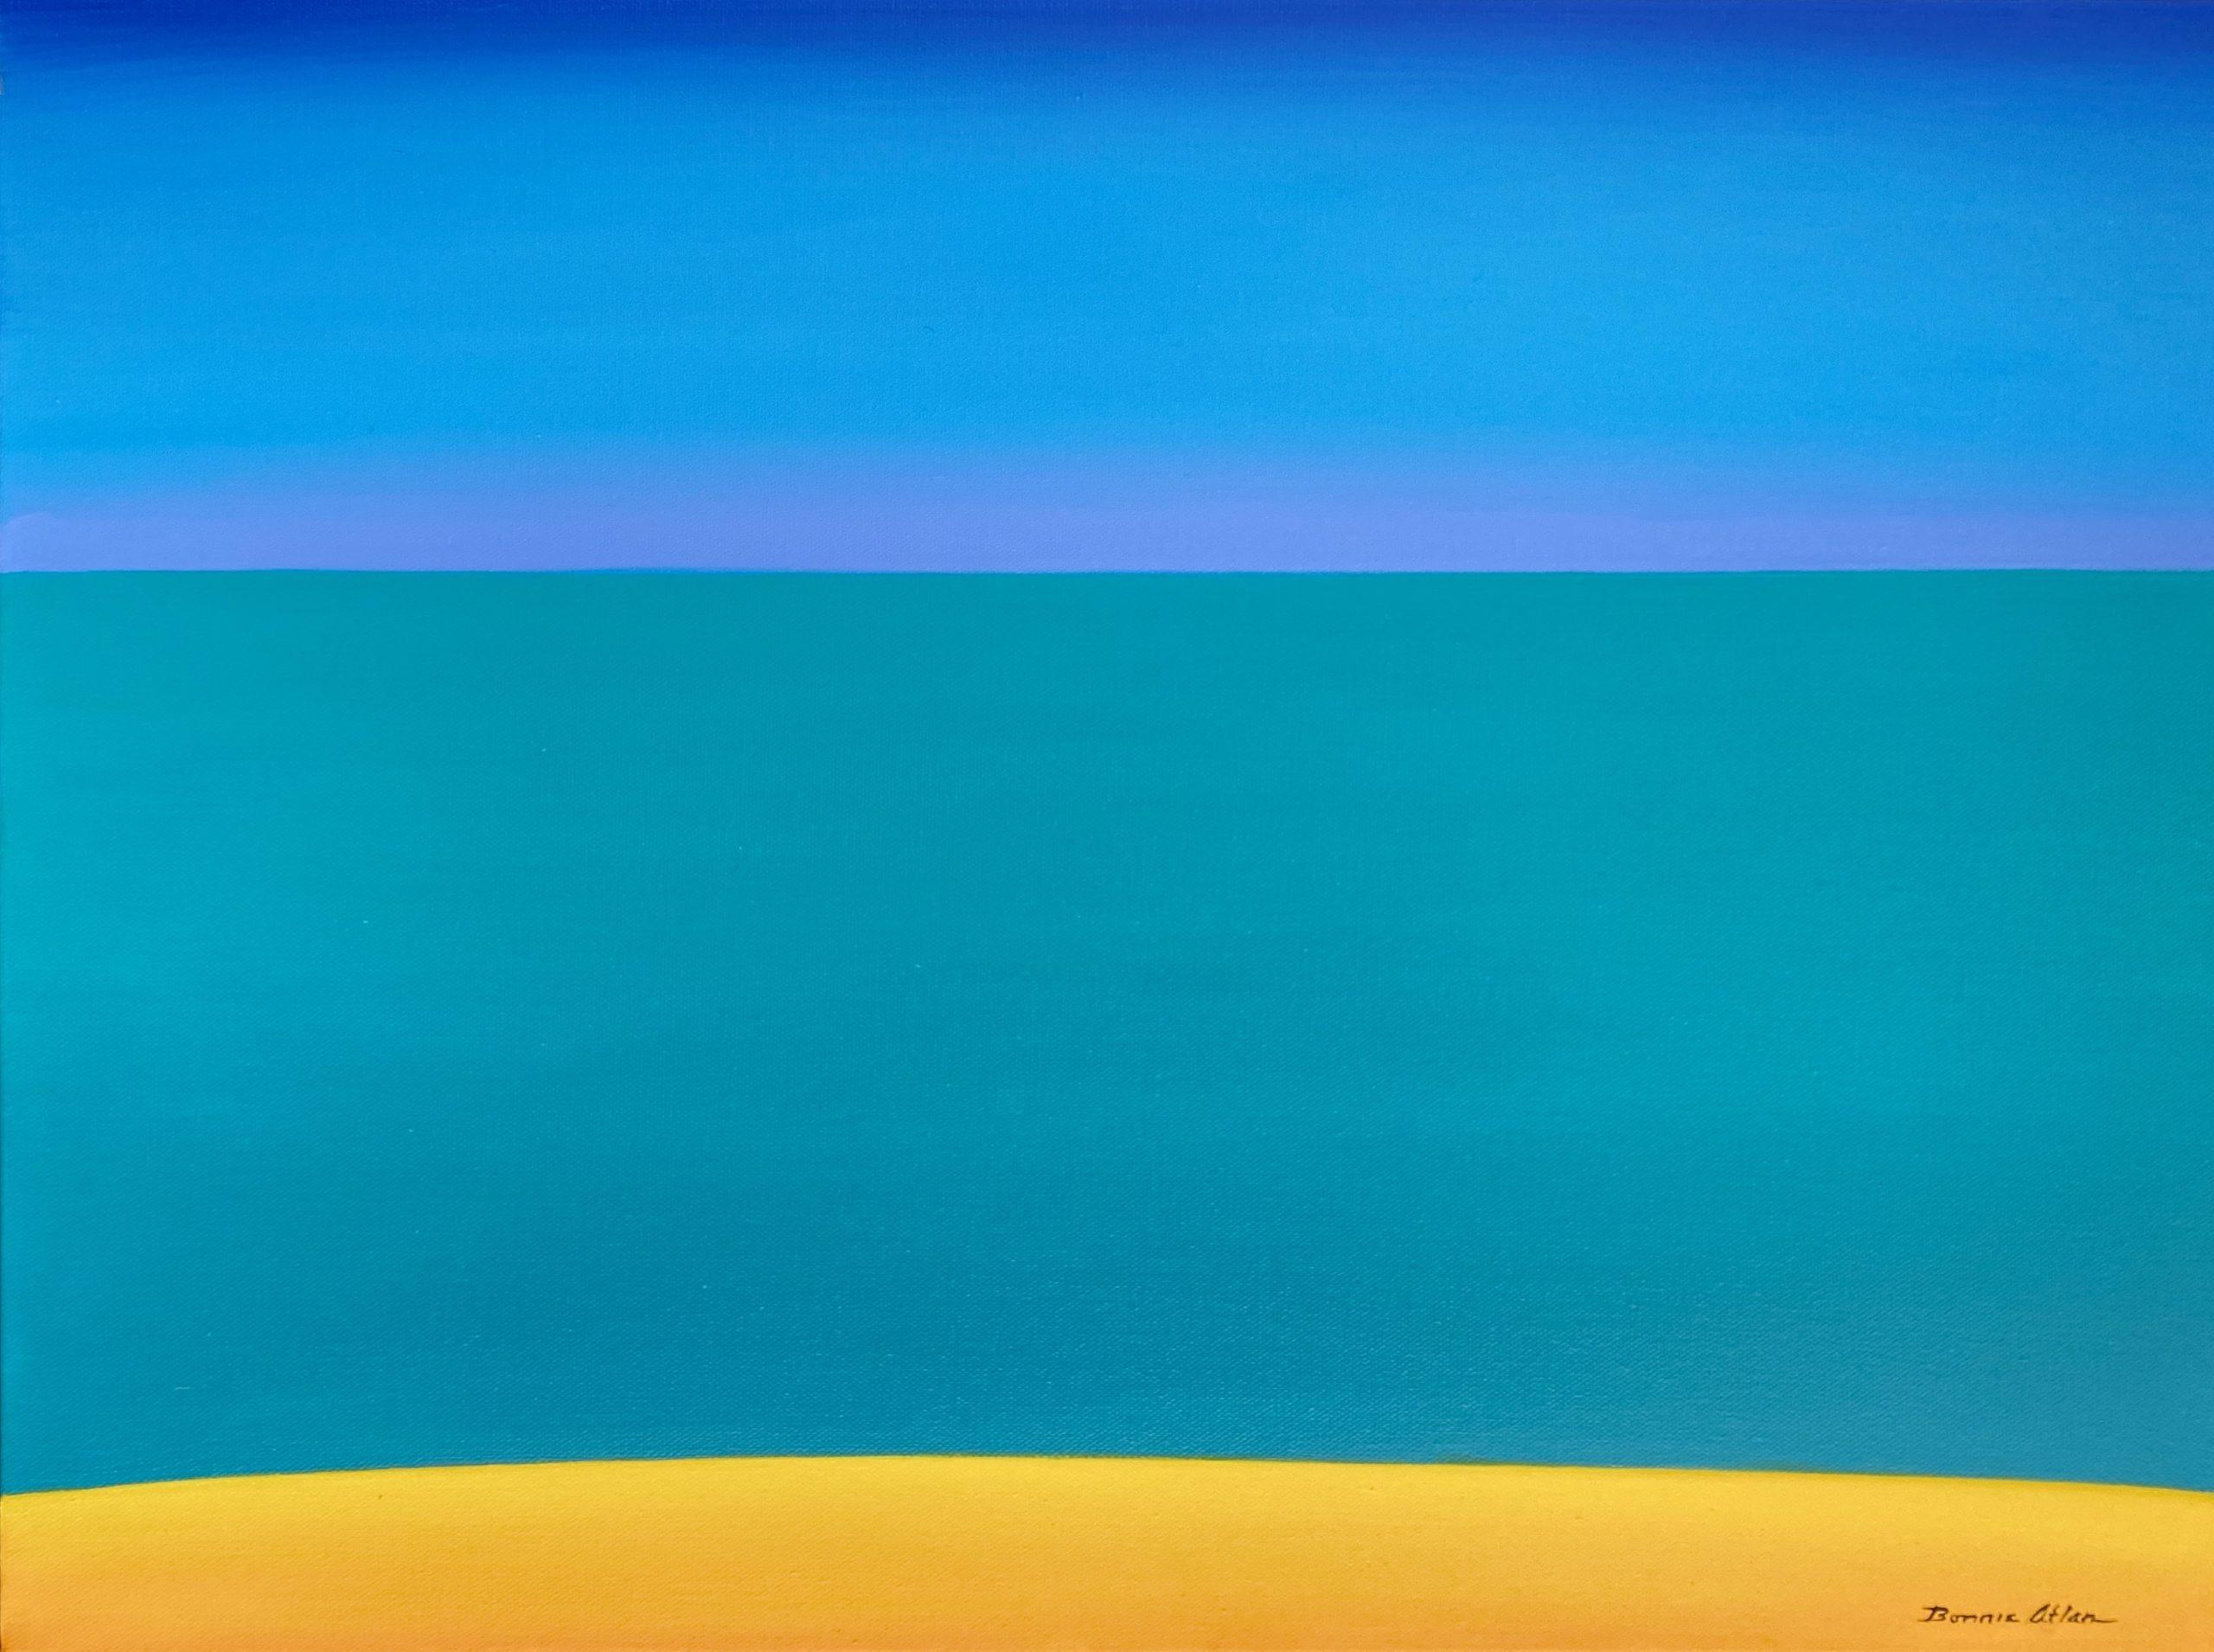 Plenitude - 65 x 46 cm - $1,800